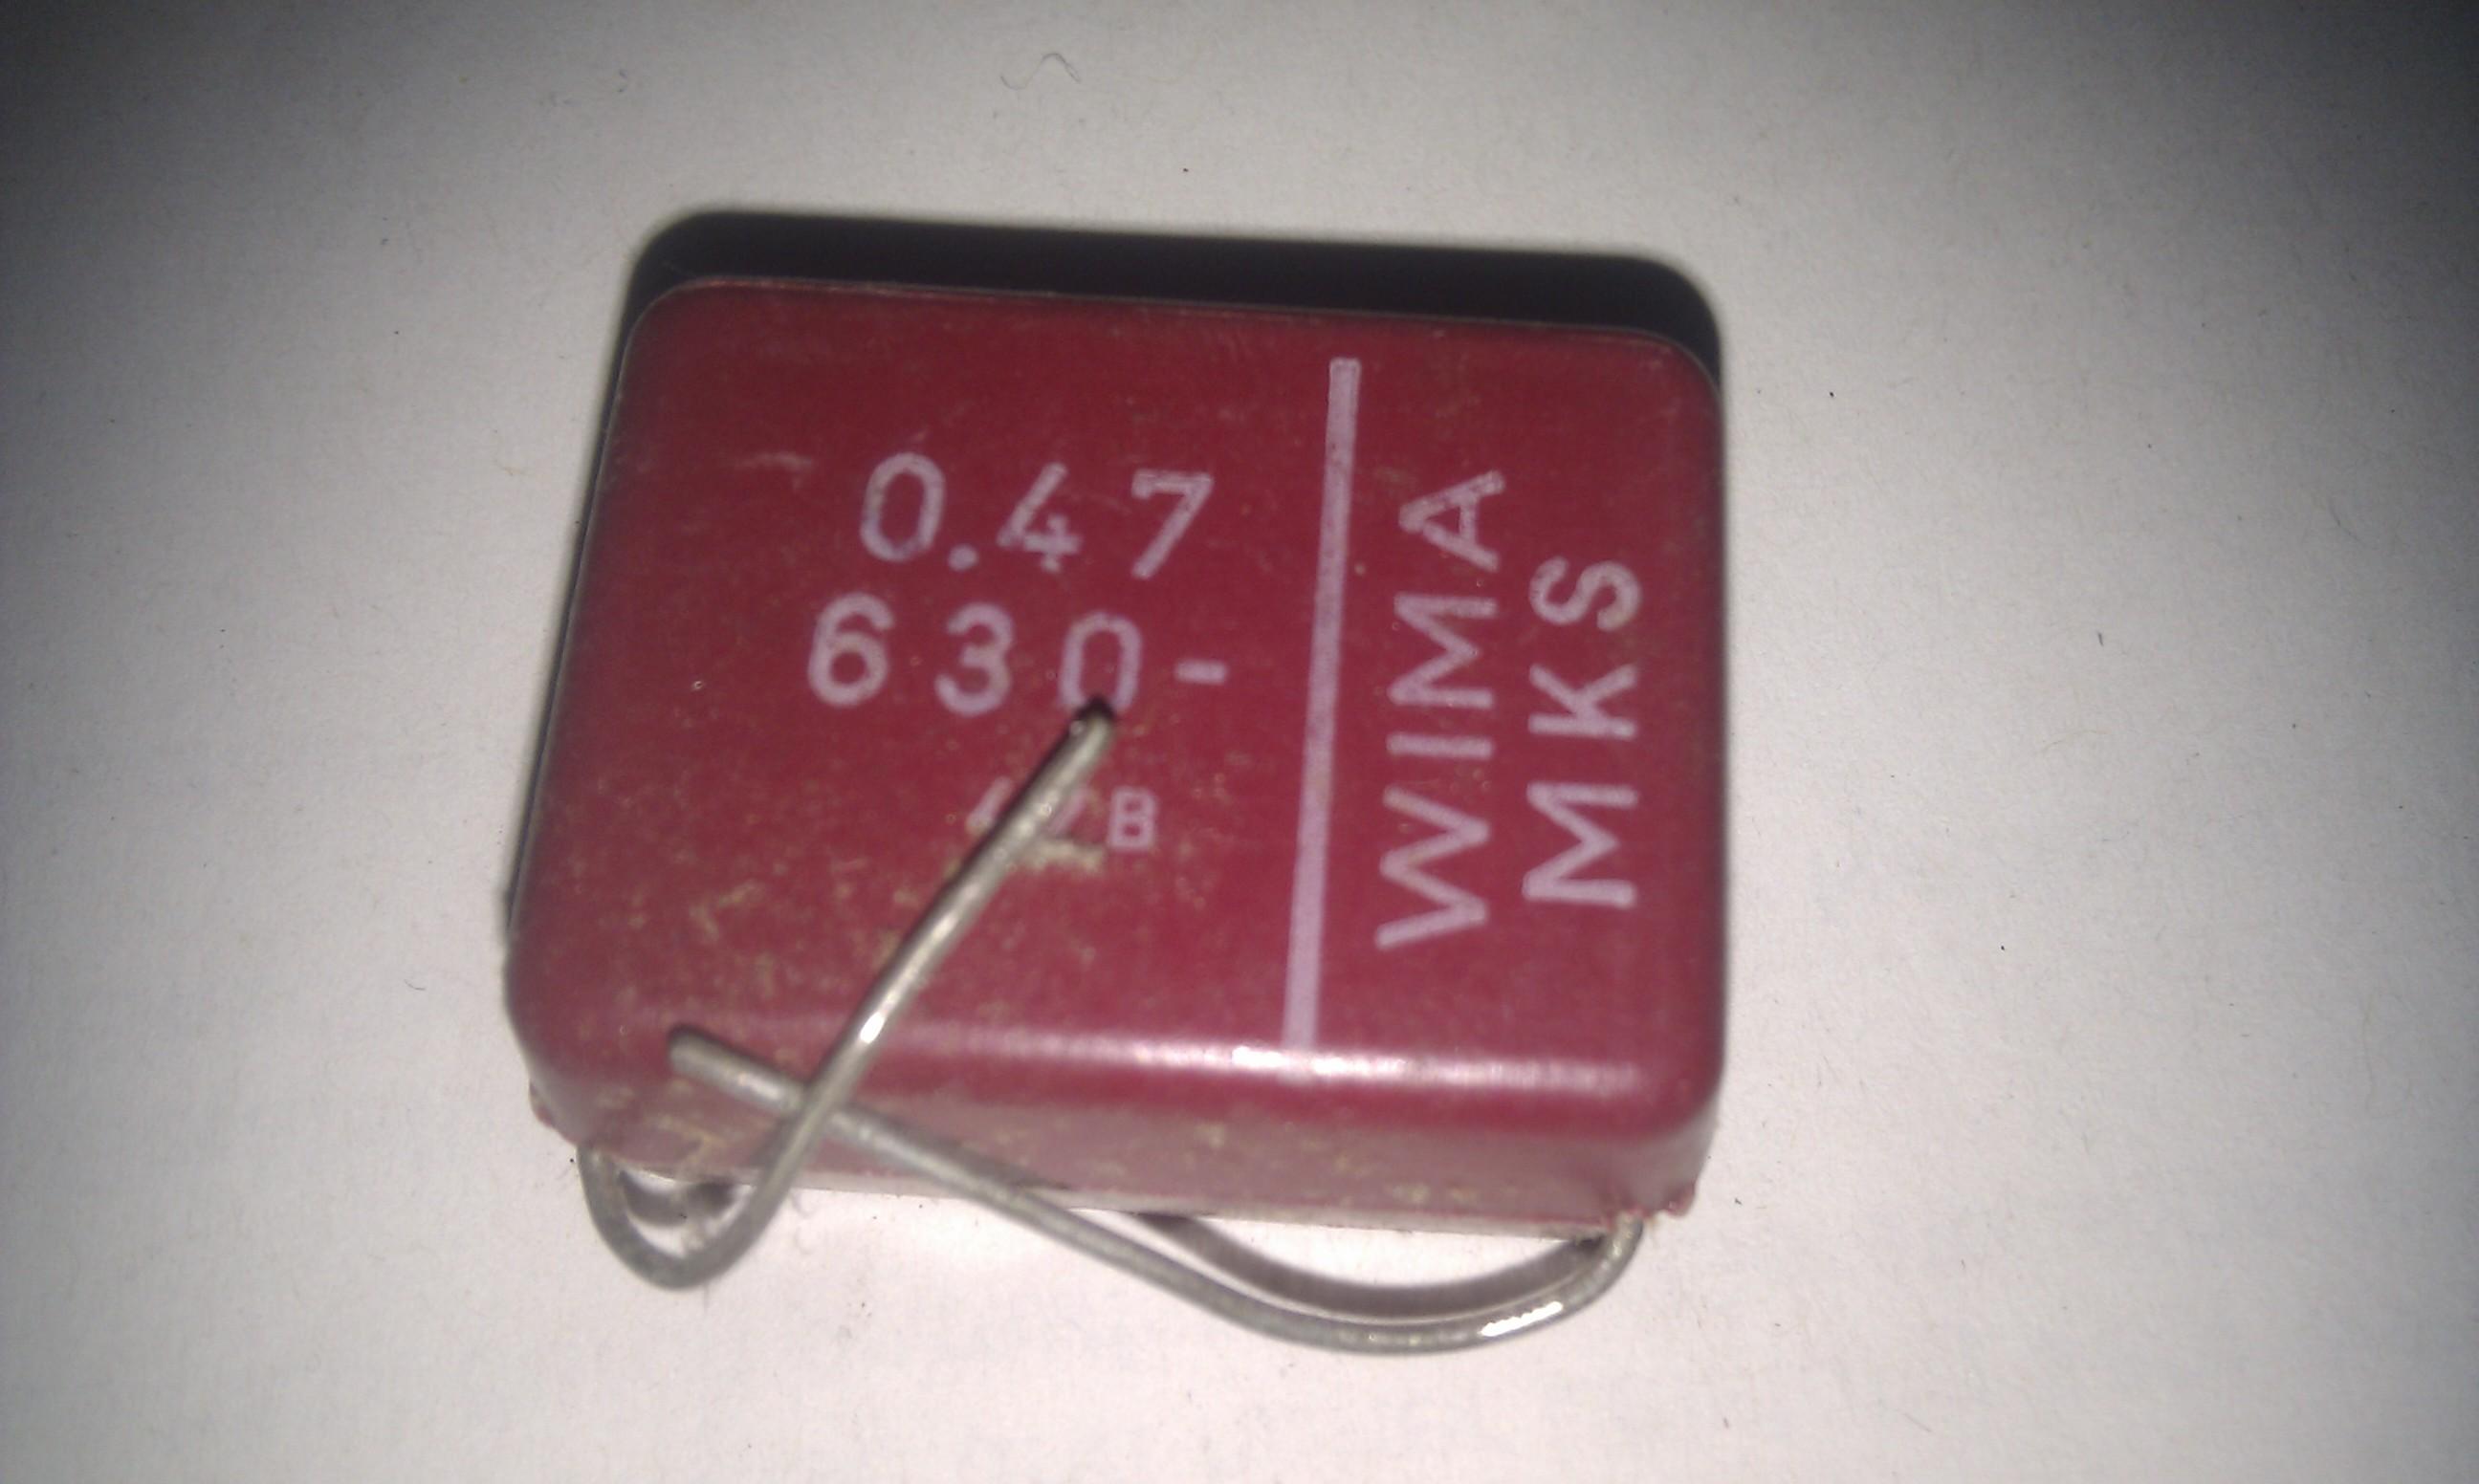 WIMA MKS 0,47uf